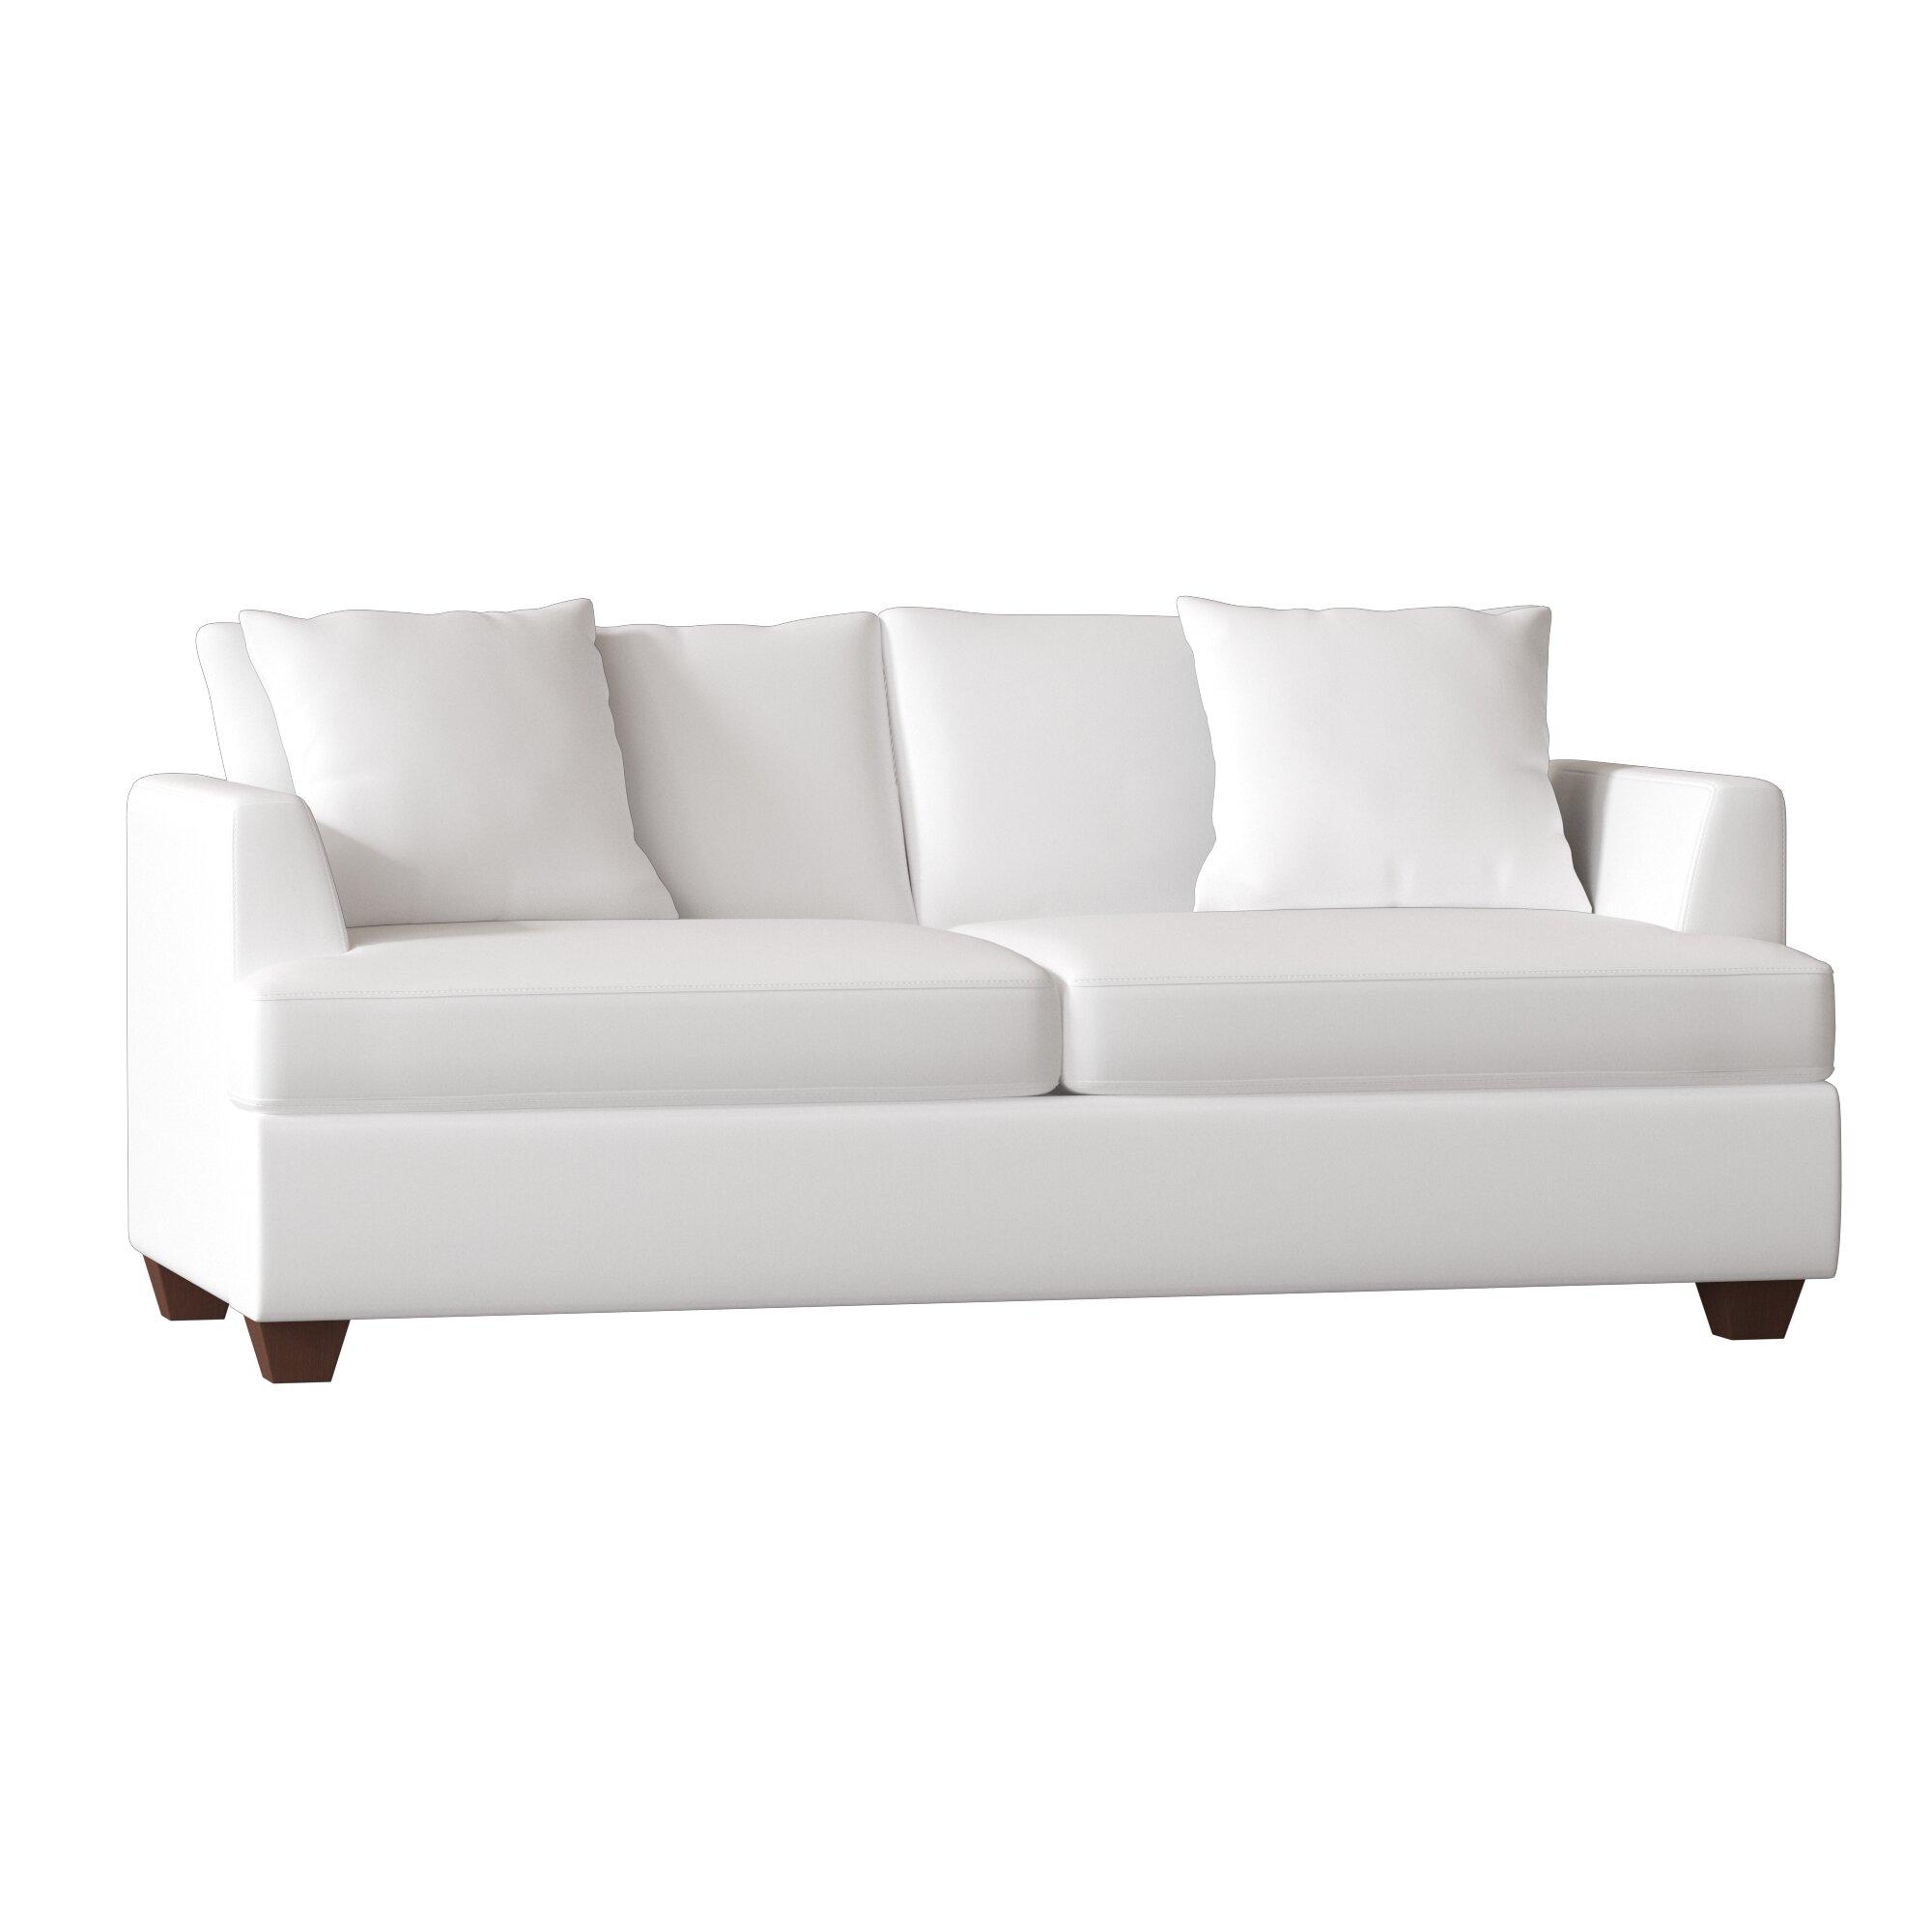 Superb Jack Sofa Inzonedesignstudio Interior Chair Design Inzonedesignstudiocom